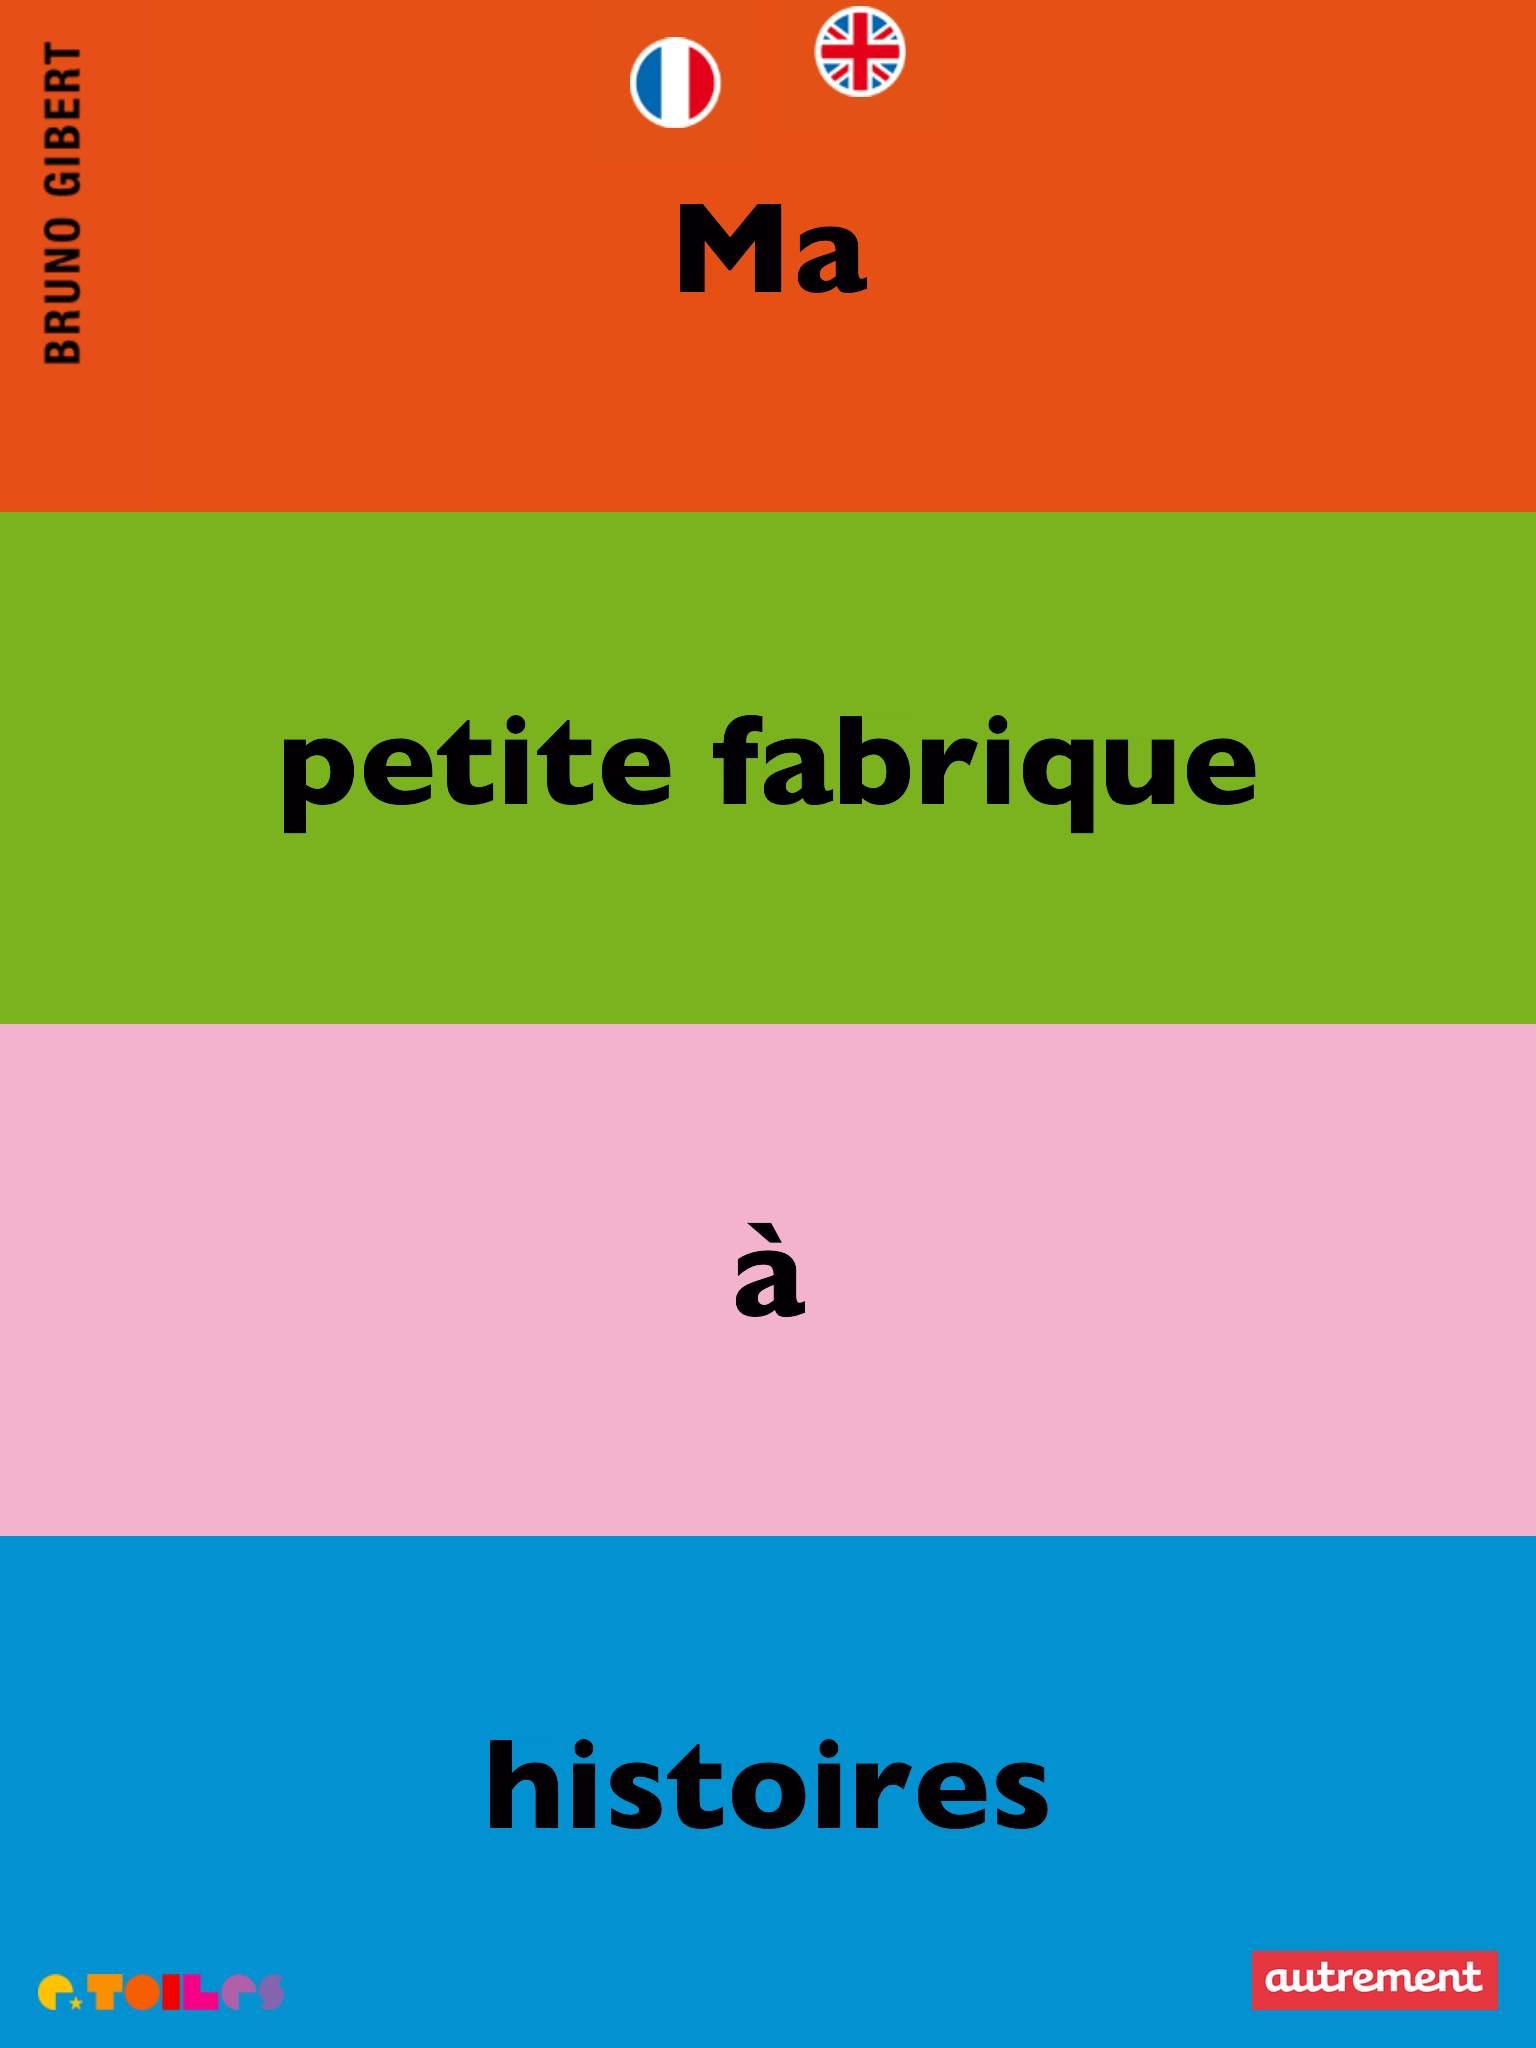 Ma petite fabrique à histoires Autrement E-toiles éditions La Souris Grise iPhone iPad application tablette Enfant 4